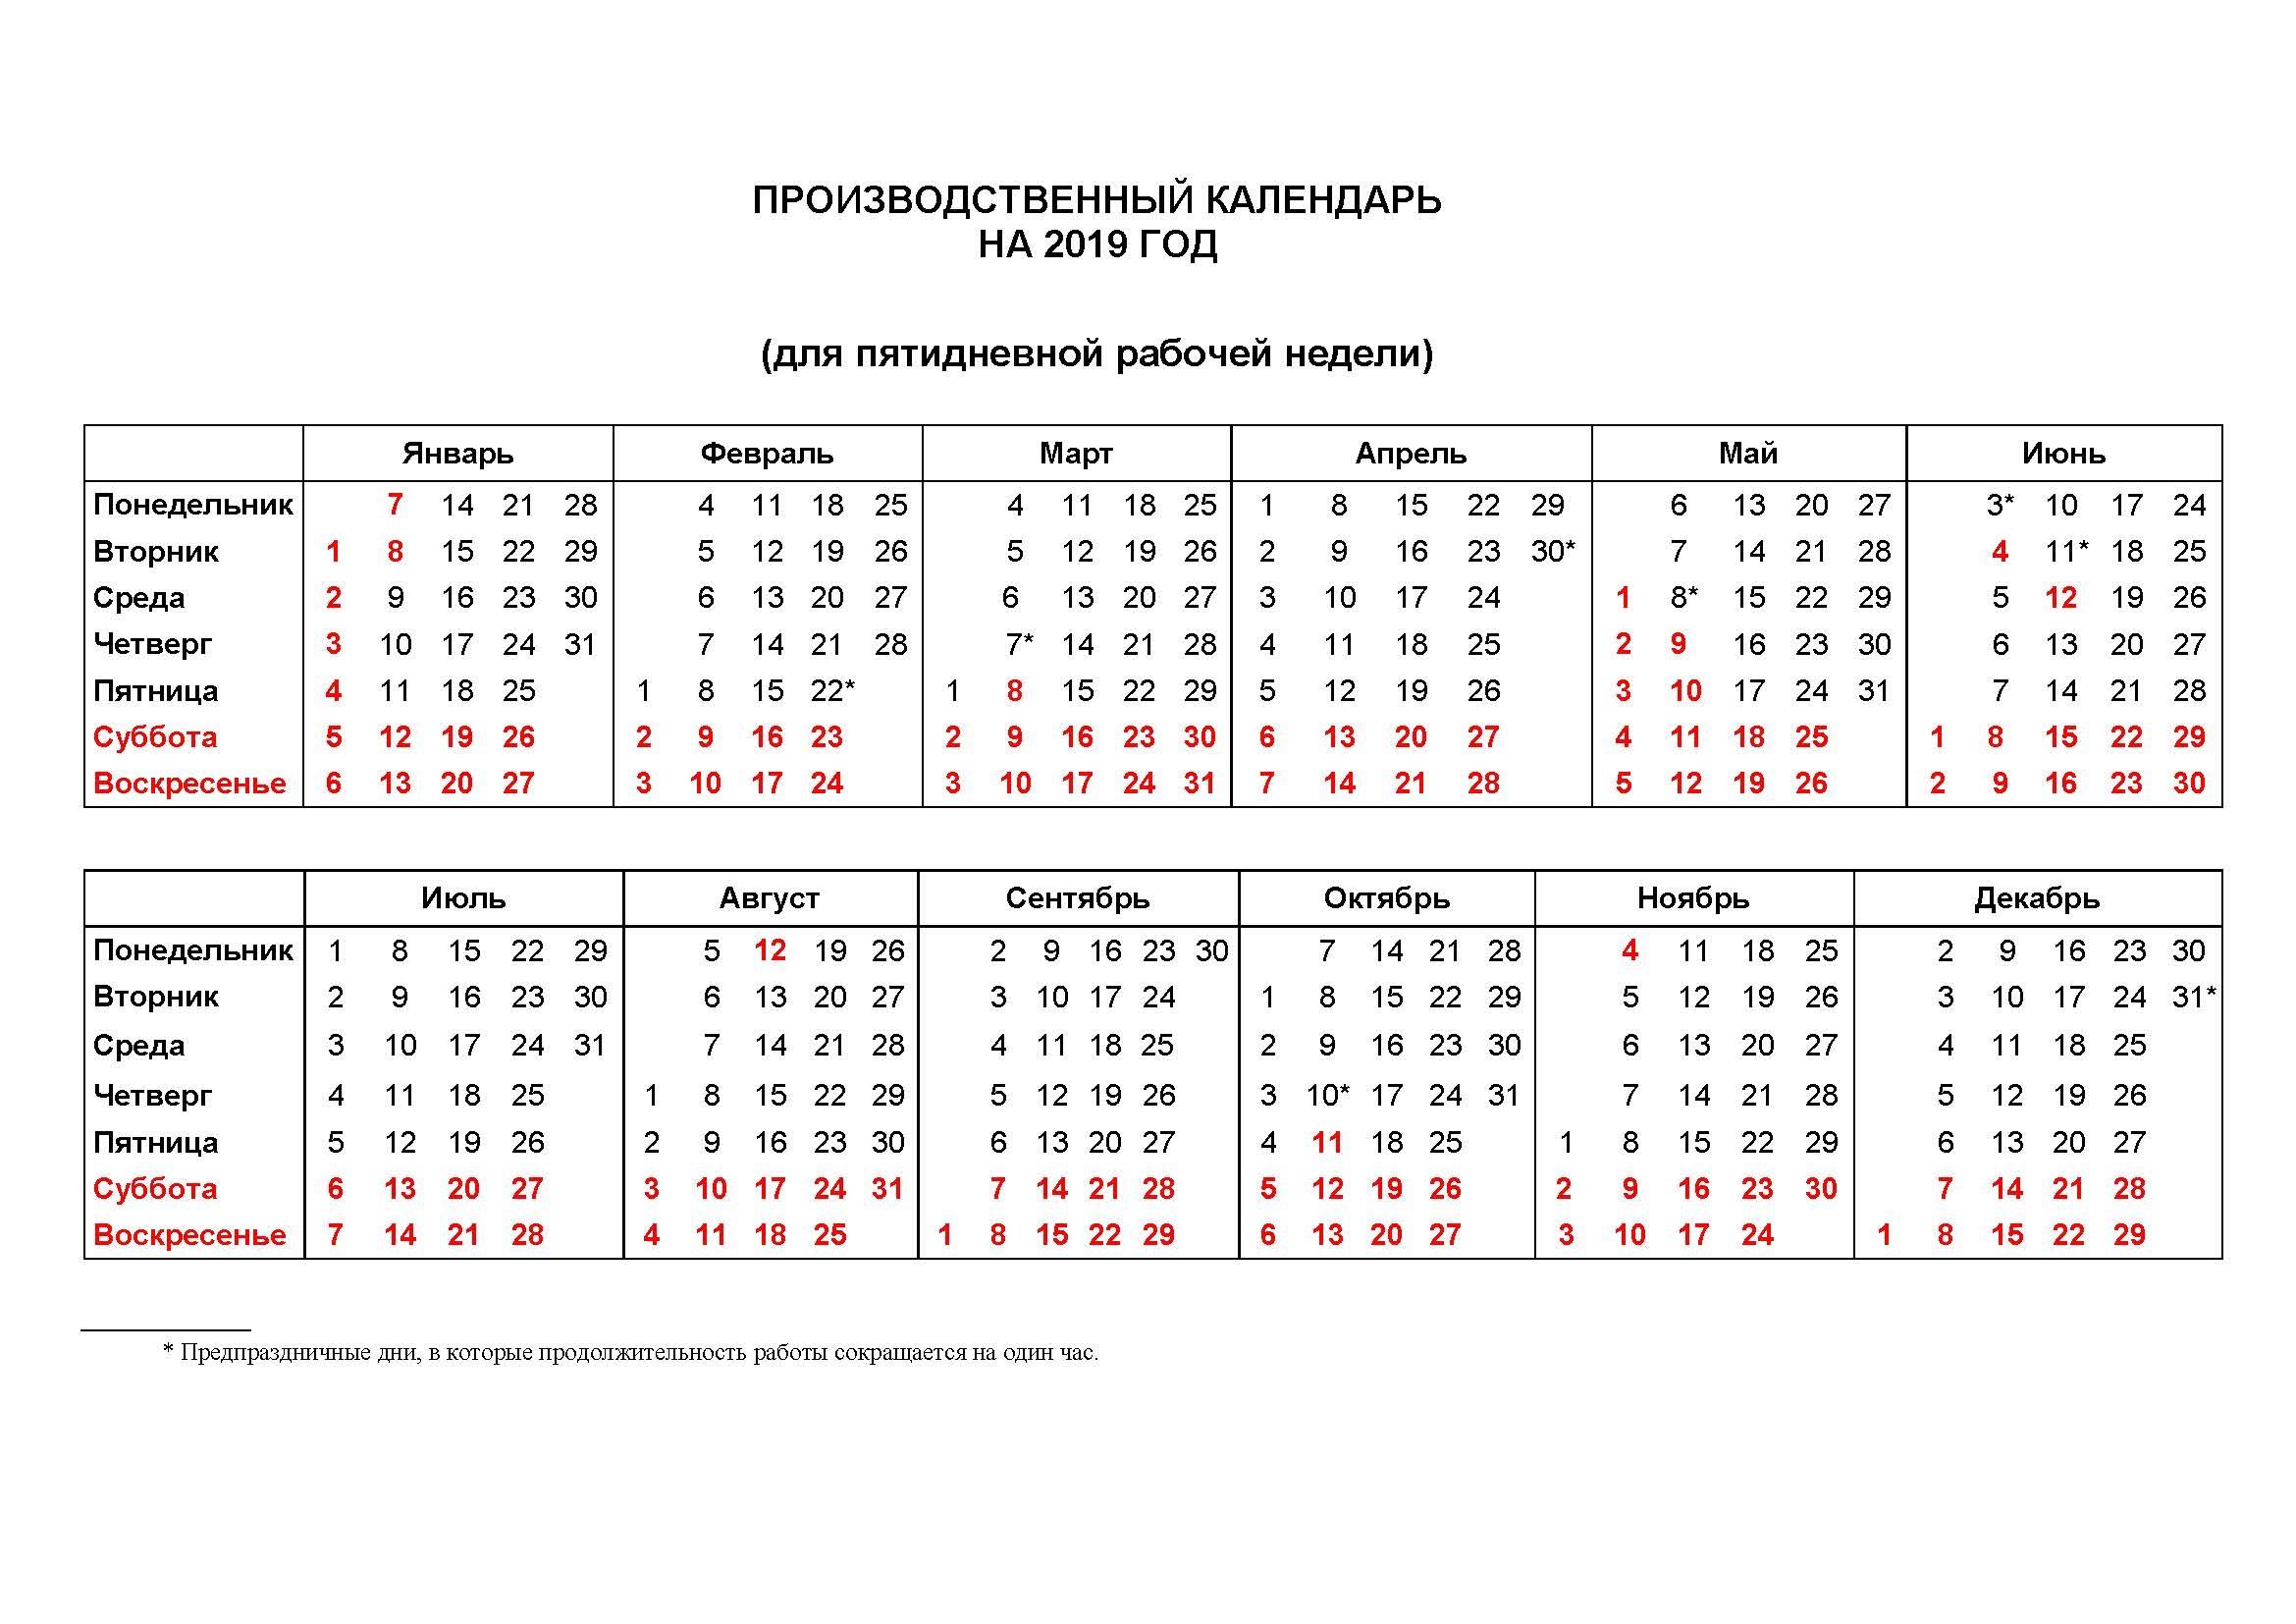 Новый регламент производственного календаря фото